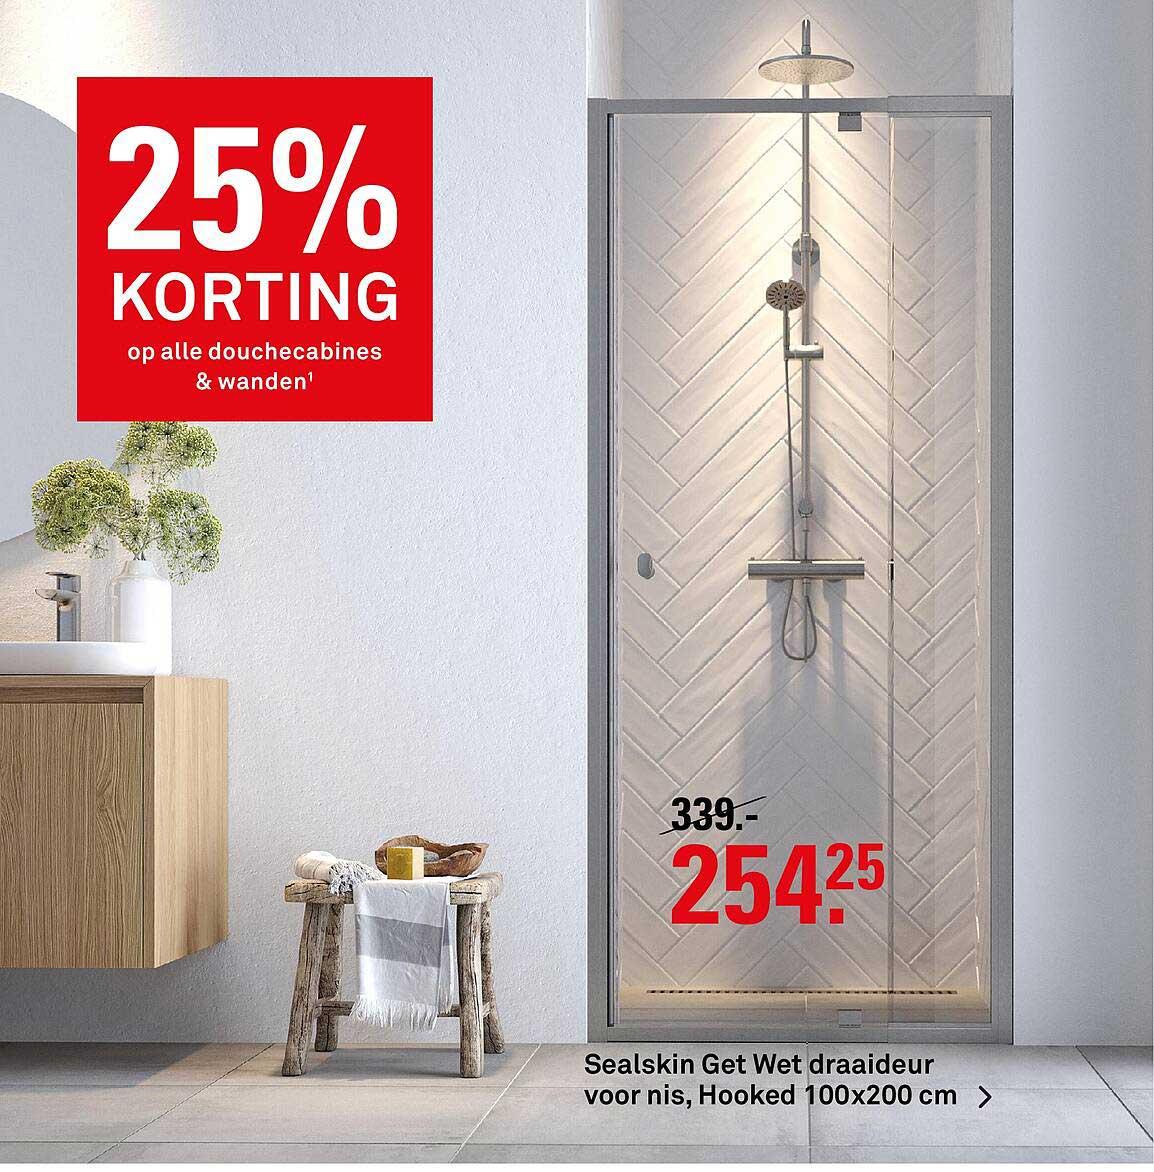 Karwei Sealskin Get Wet Draaideur Voor Nis, Hooked 100x200 Cm 25% Korting